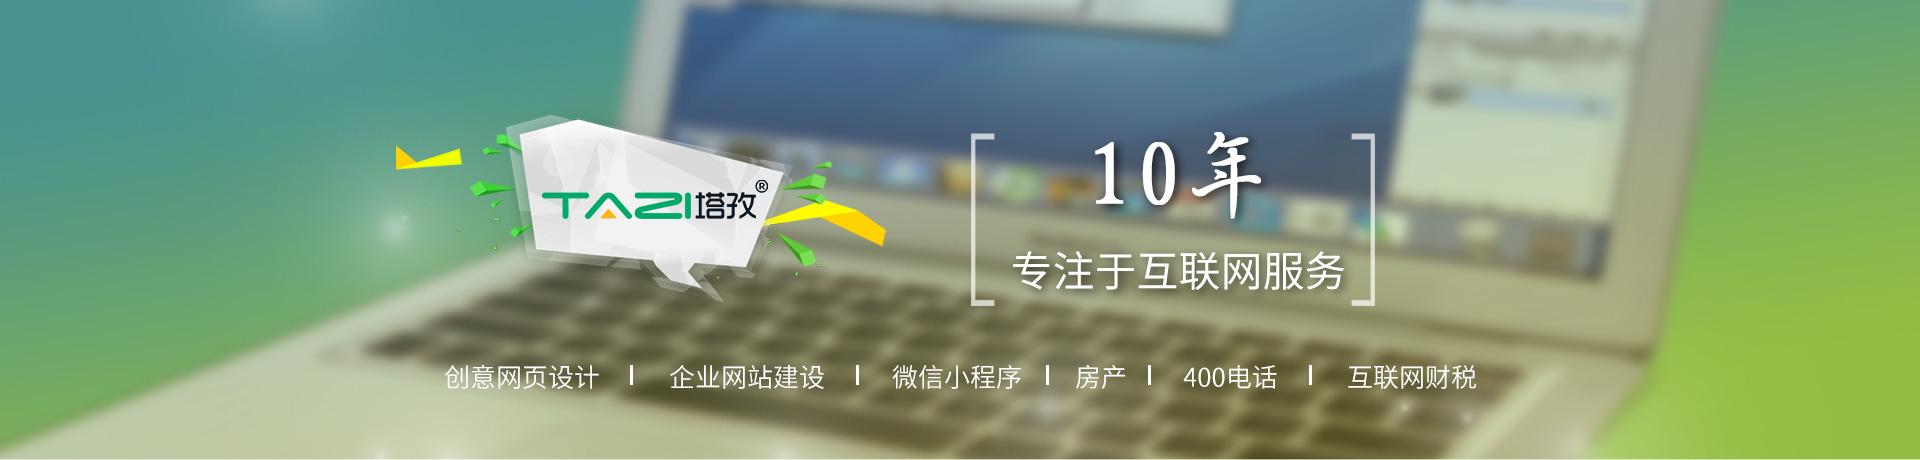 蚌埠微信开发,蚌埠朋友圈广告,安徽微信开发公司,微信二次开发建设制作